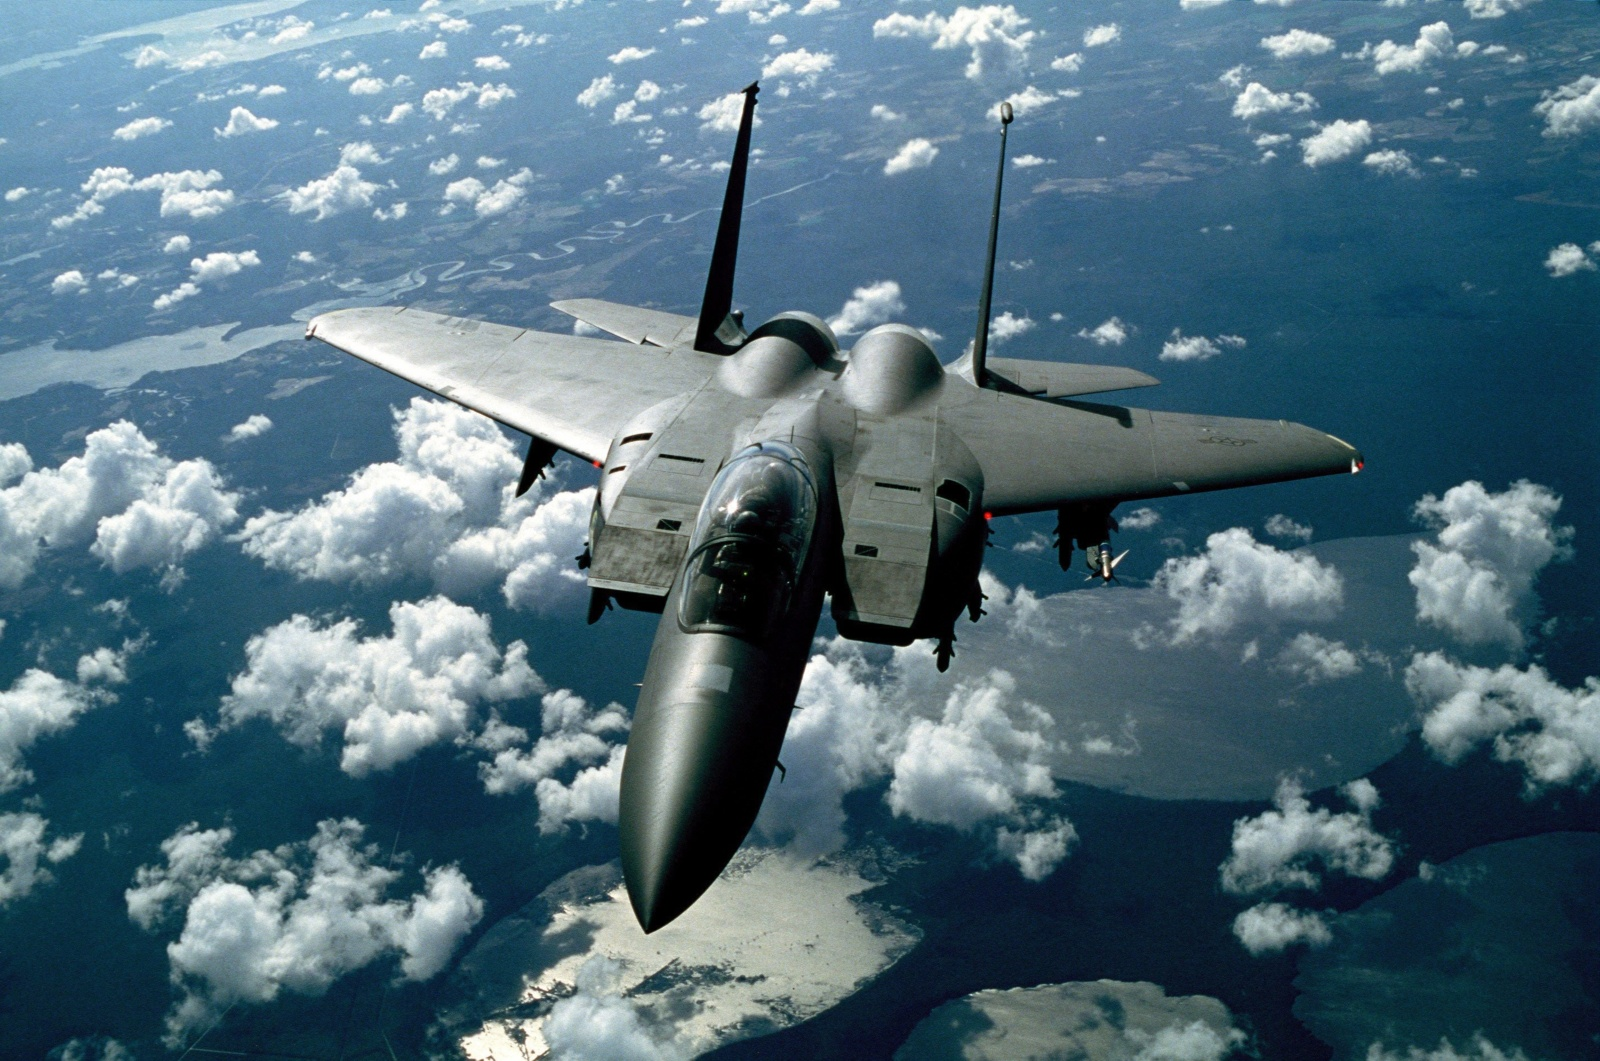 NATO naikintuvai kilo atpažinti ir lydėti virš Baltijos jūros skridusių Rusijos karinių orlaivių